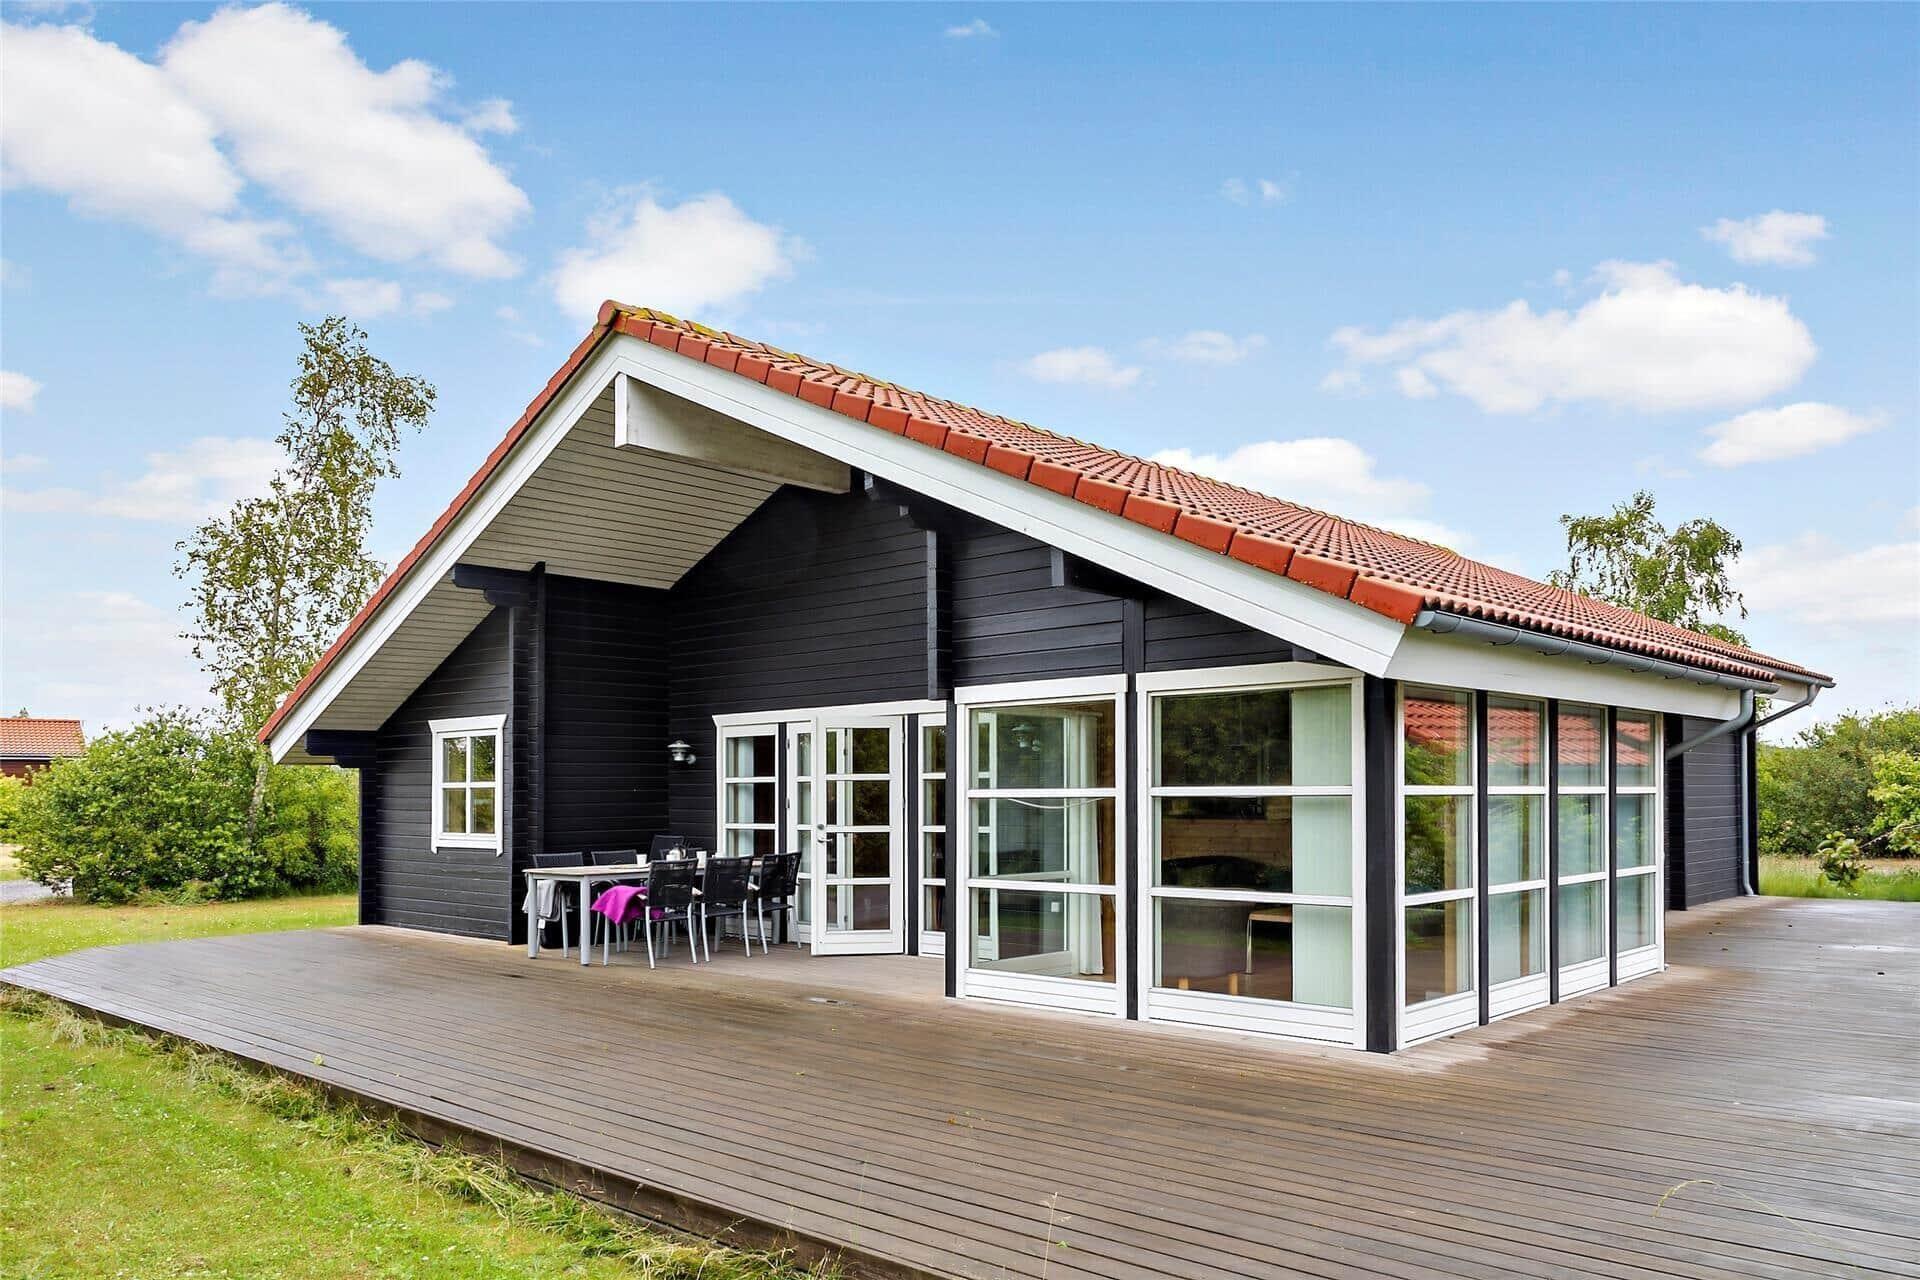 Image 1-174 Holiday-home M12024, Marielyst Strandpark 38, DK - 4873 Væggerløse